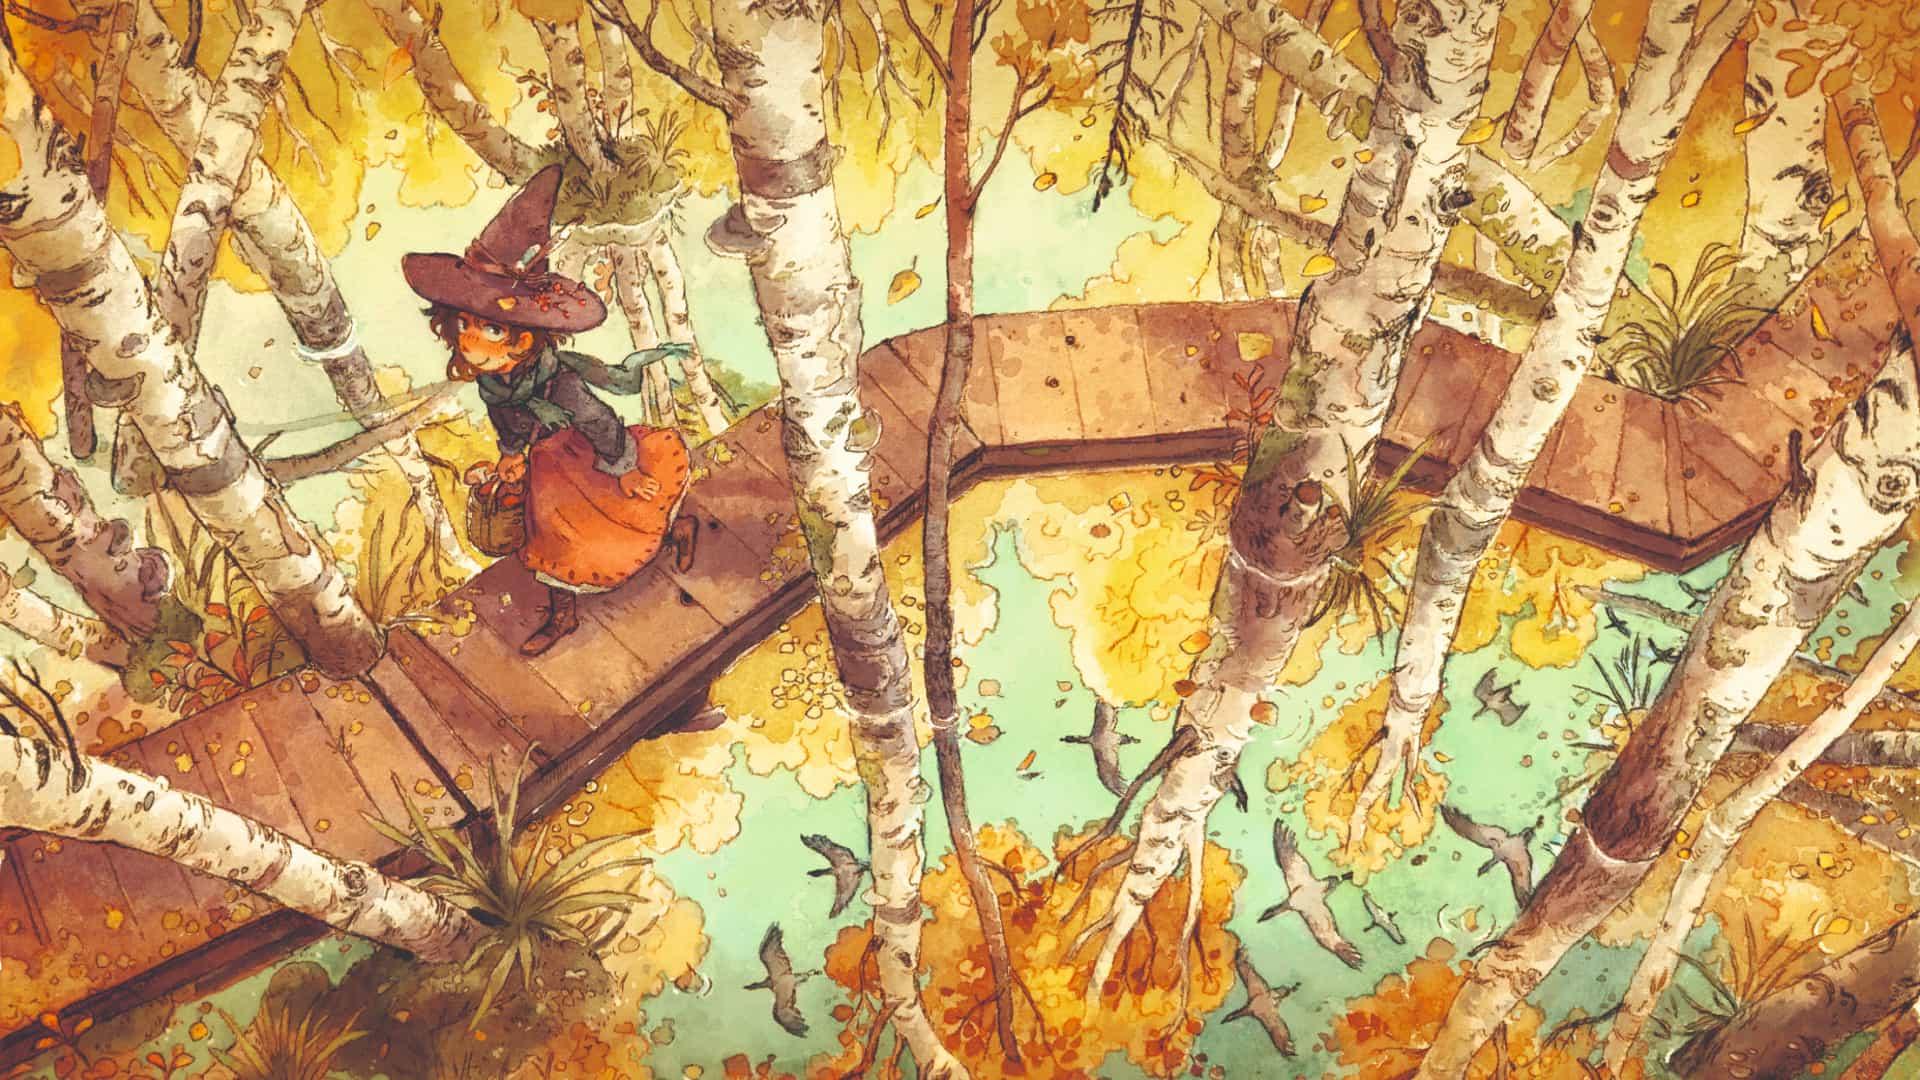 Acuarelas de otoño: cómo capturar el otoño